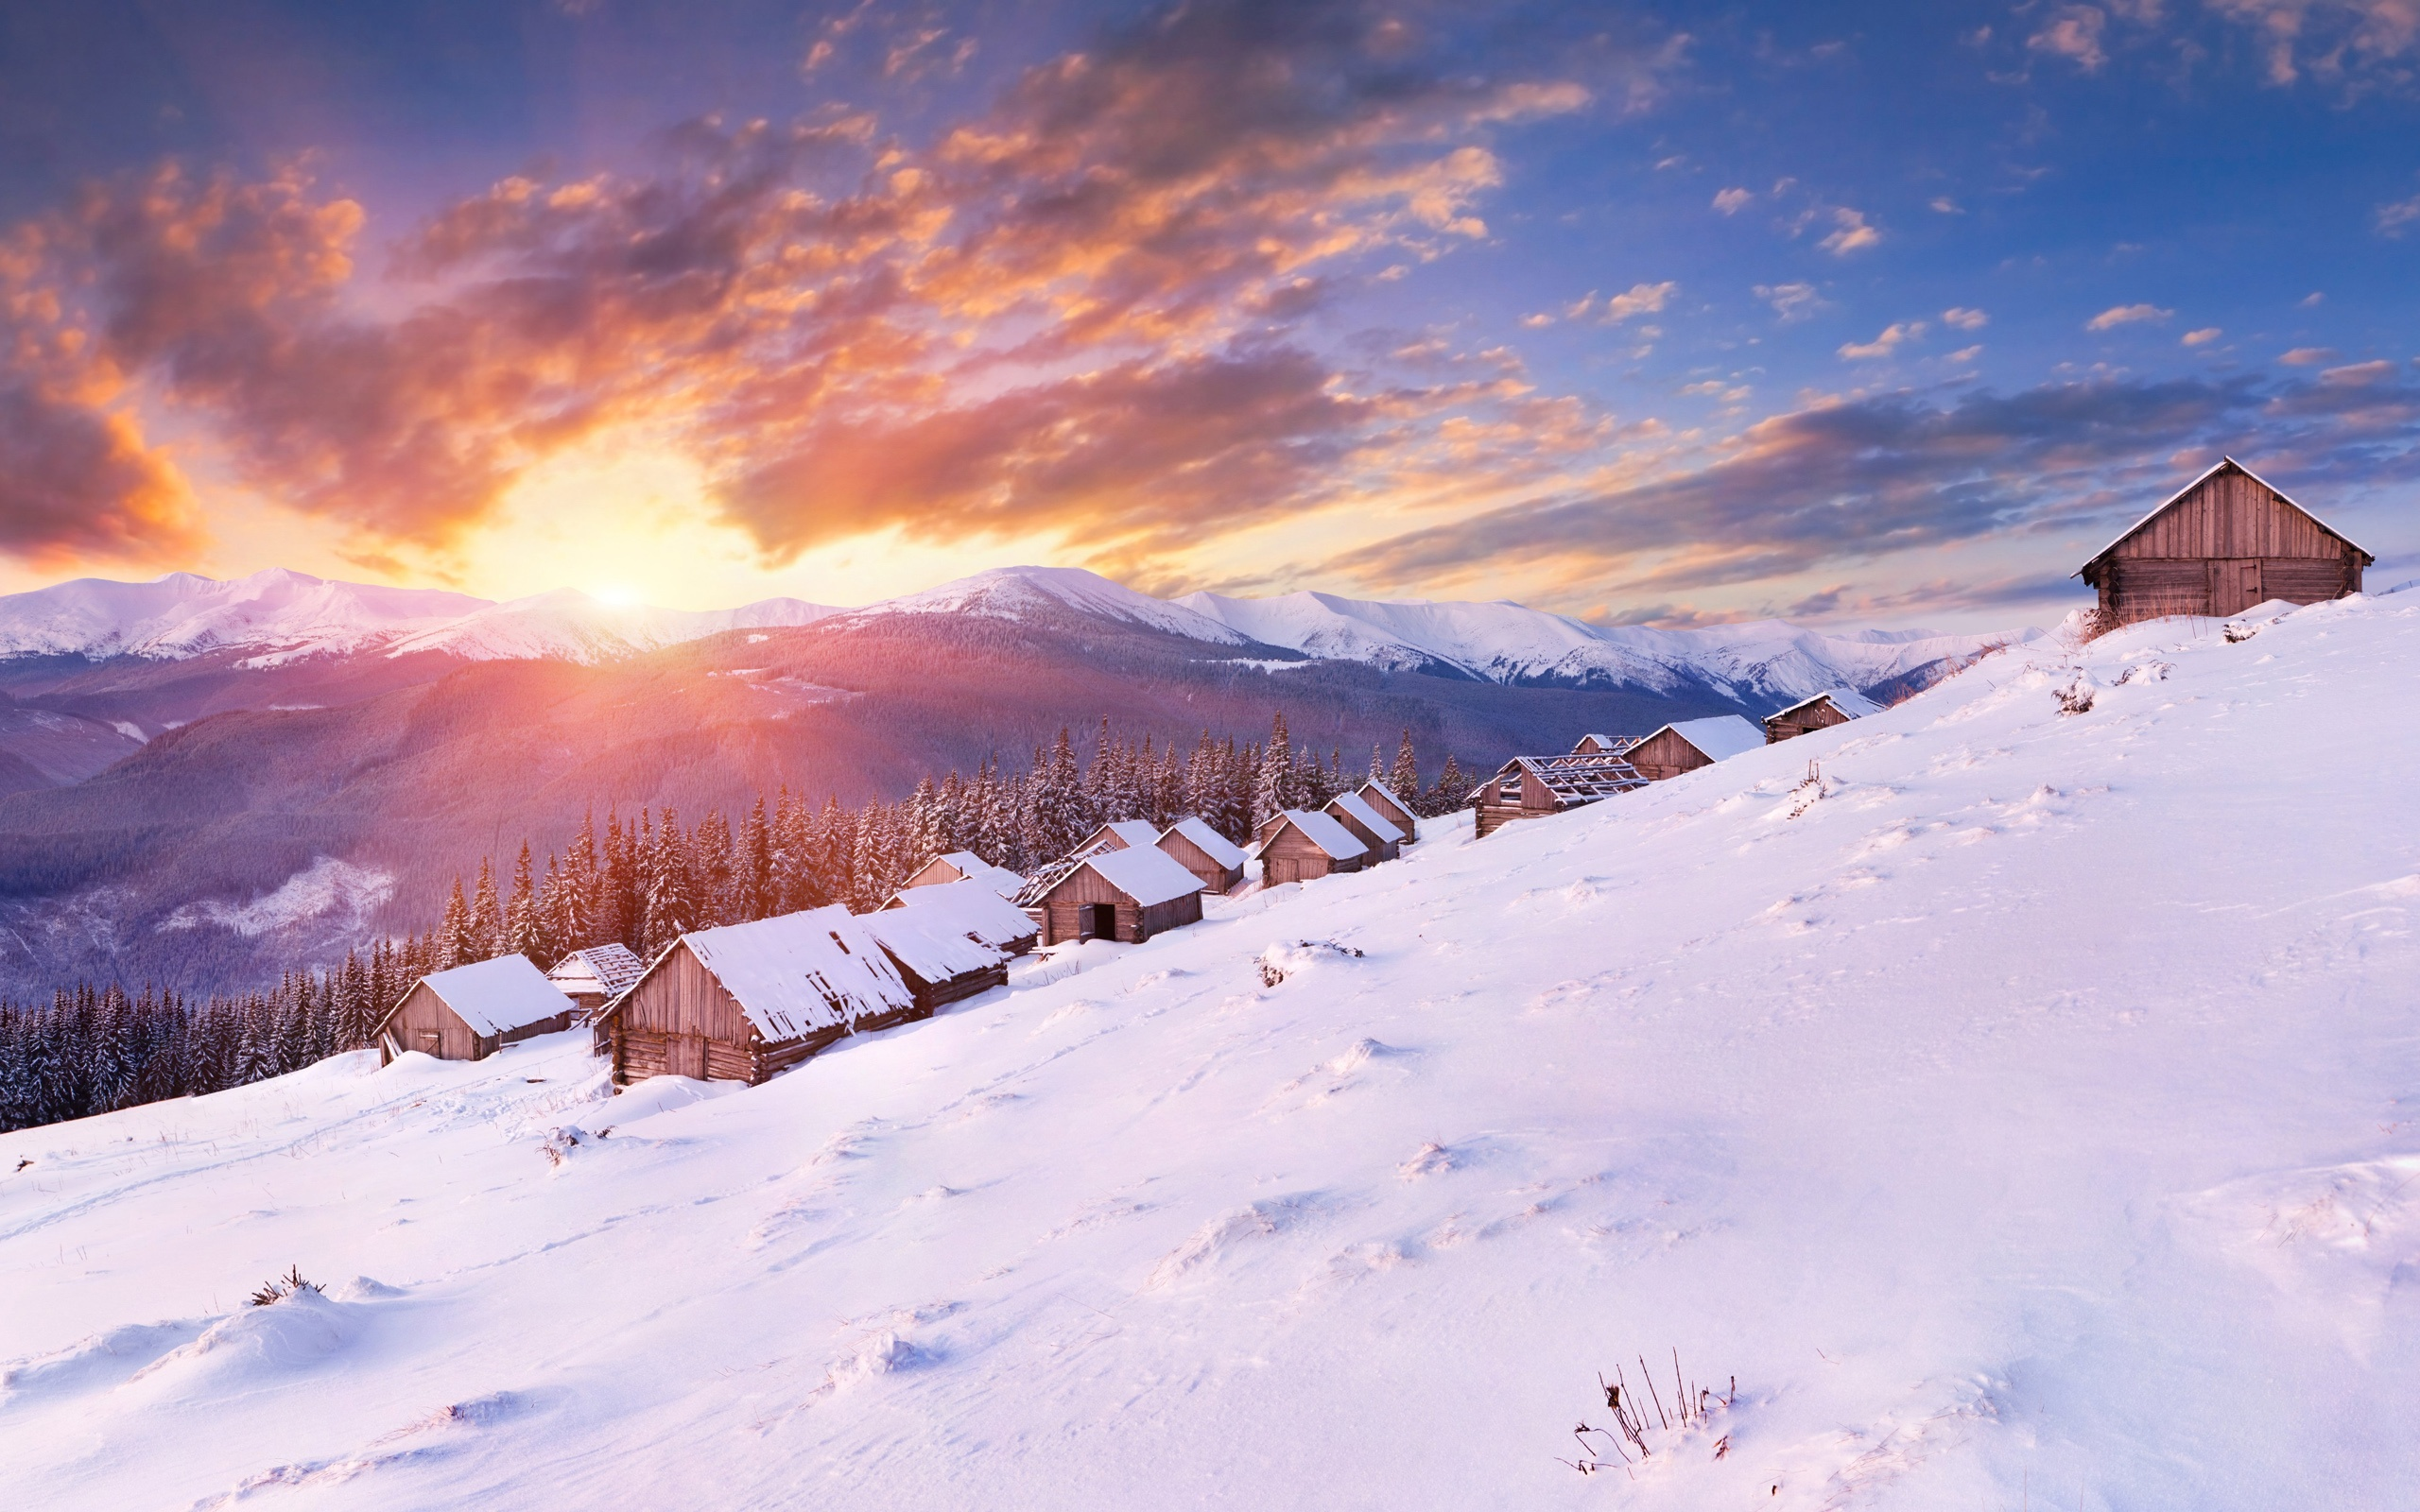 ели, горы, солнце скачать